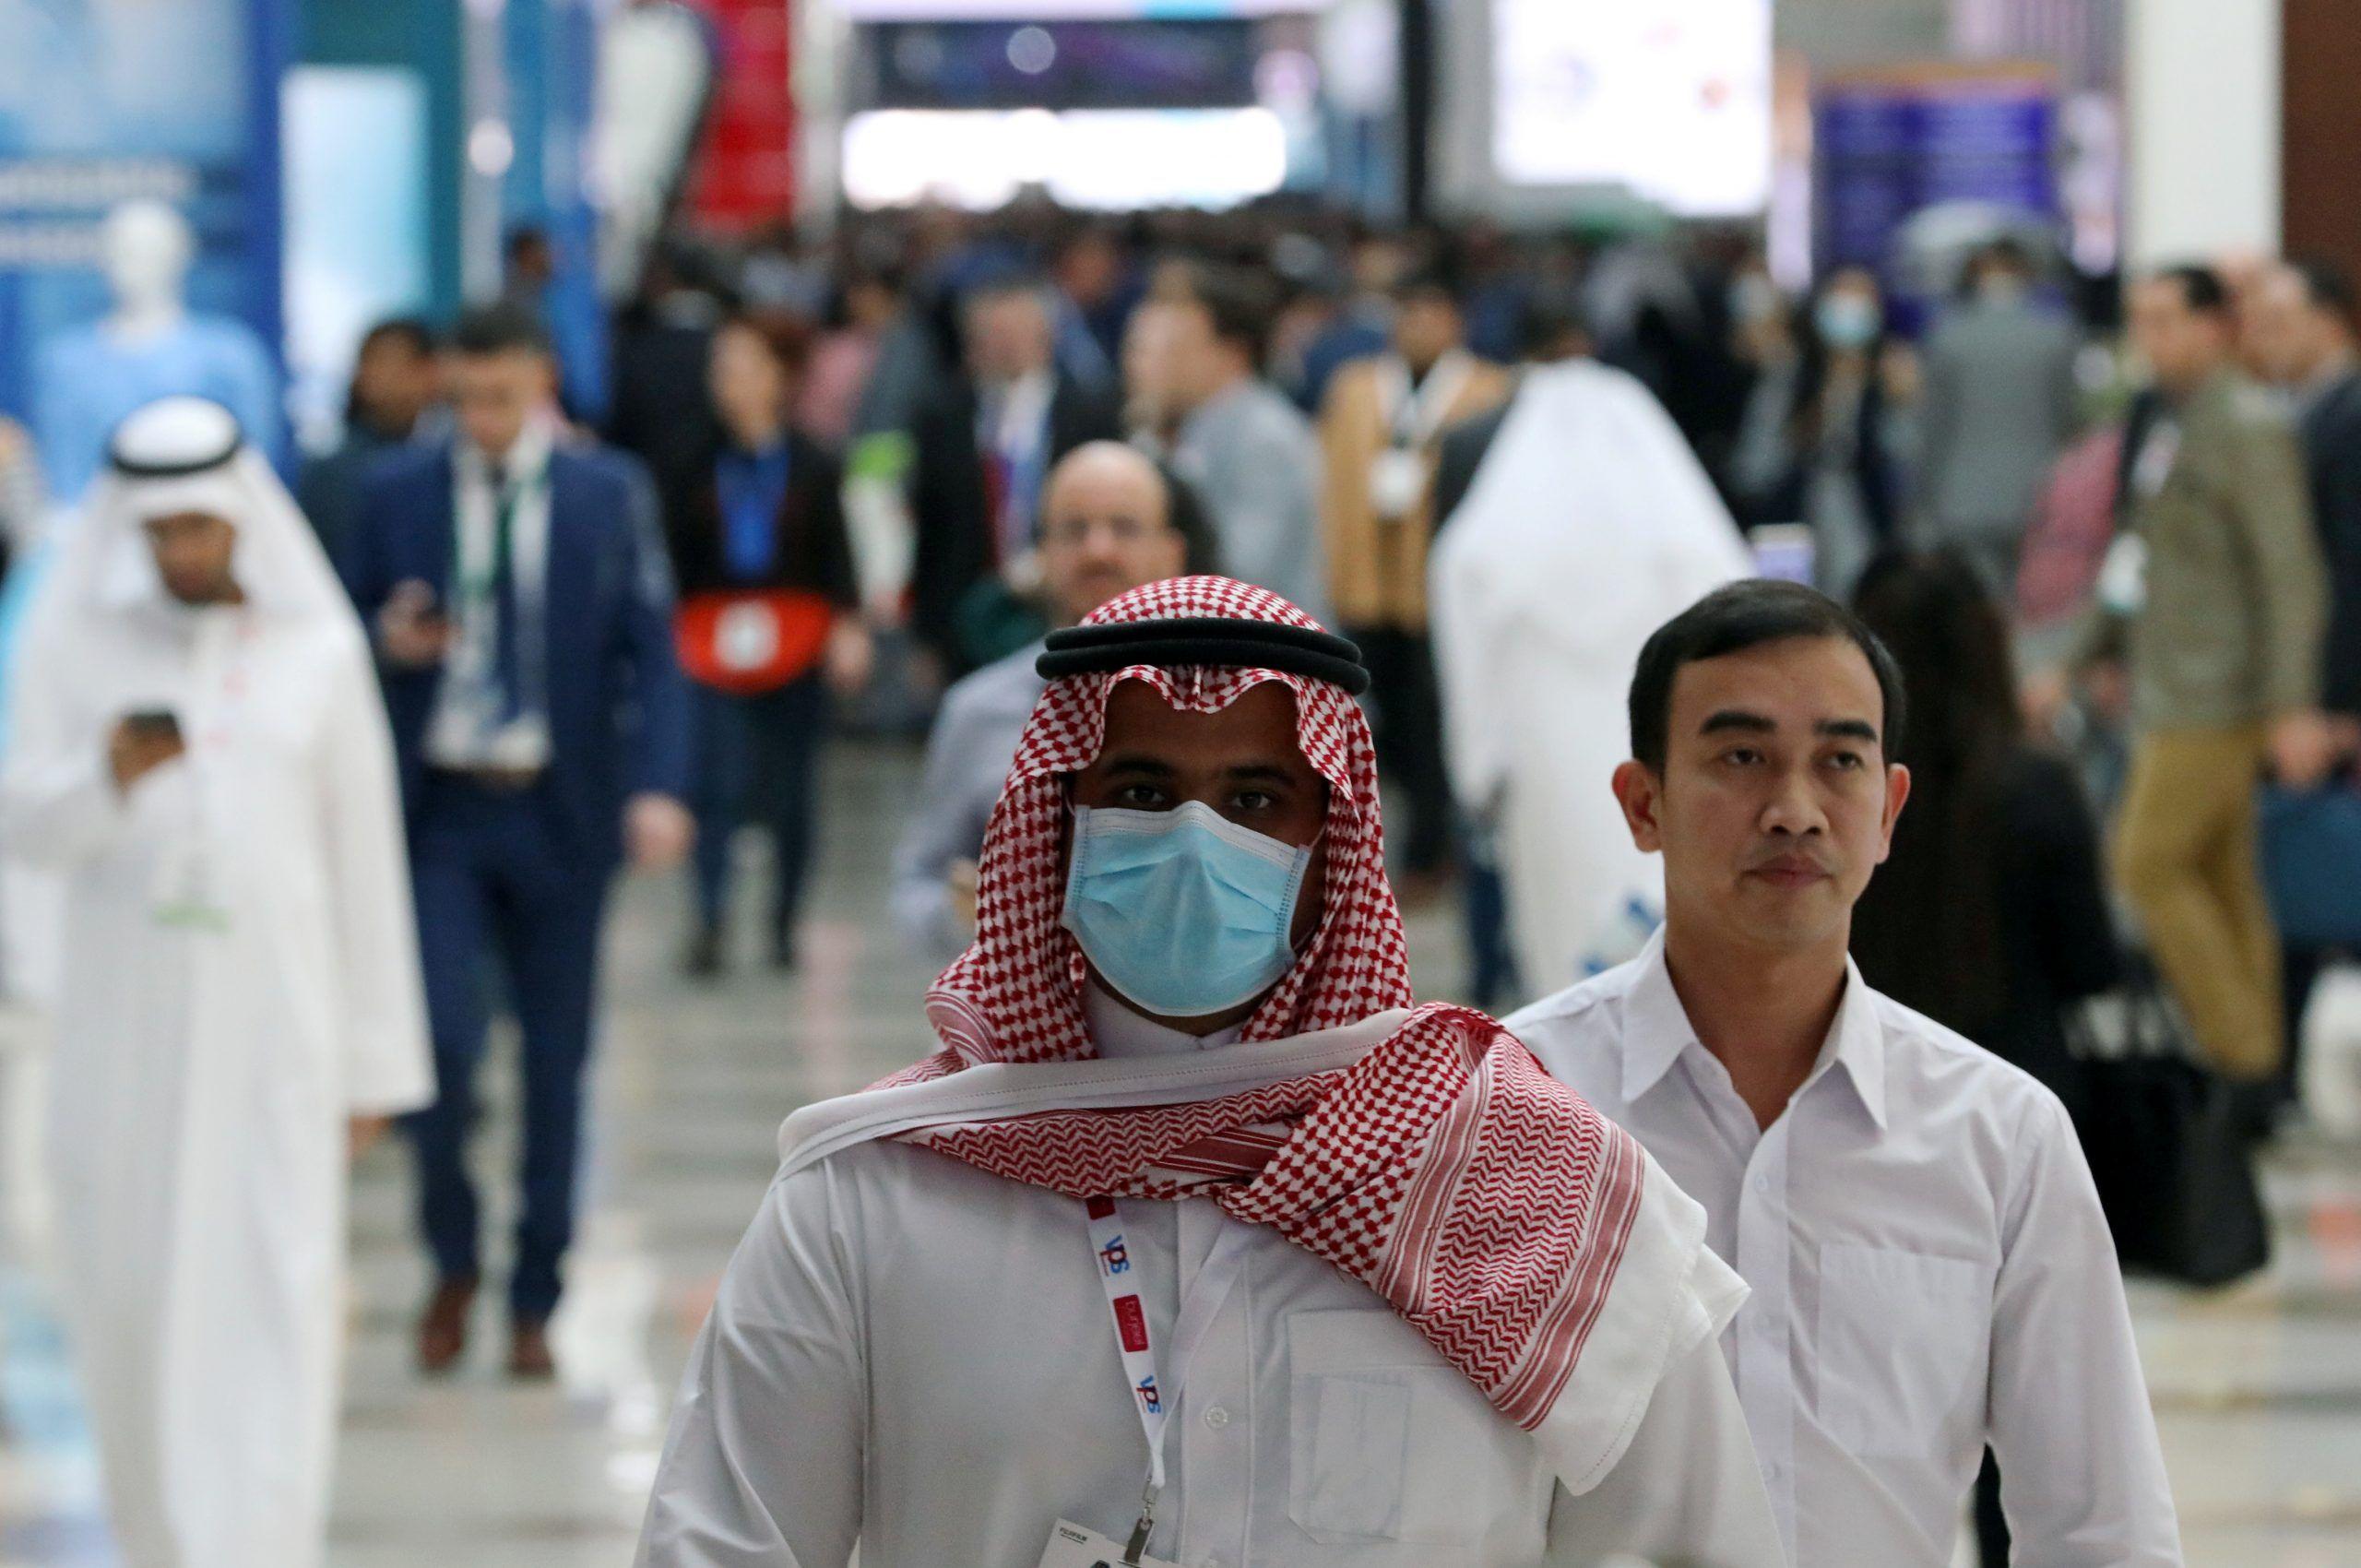 السعودية تسجل 477 إصابة جديدة بكورونا و25 حالة